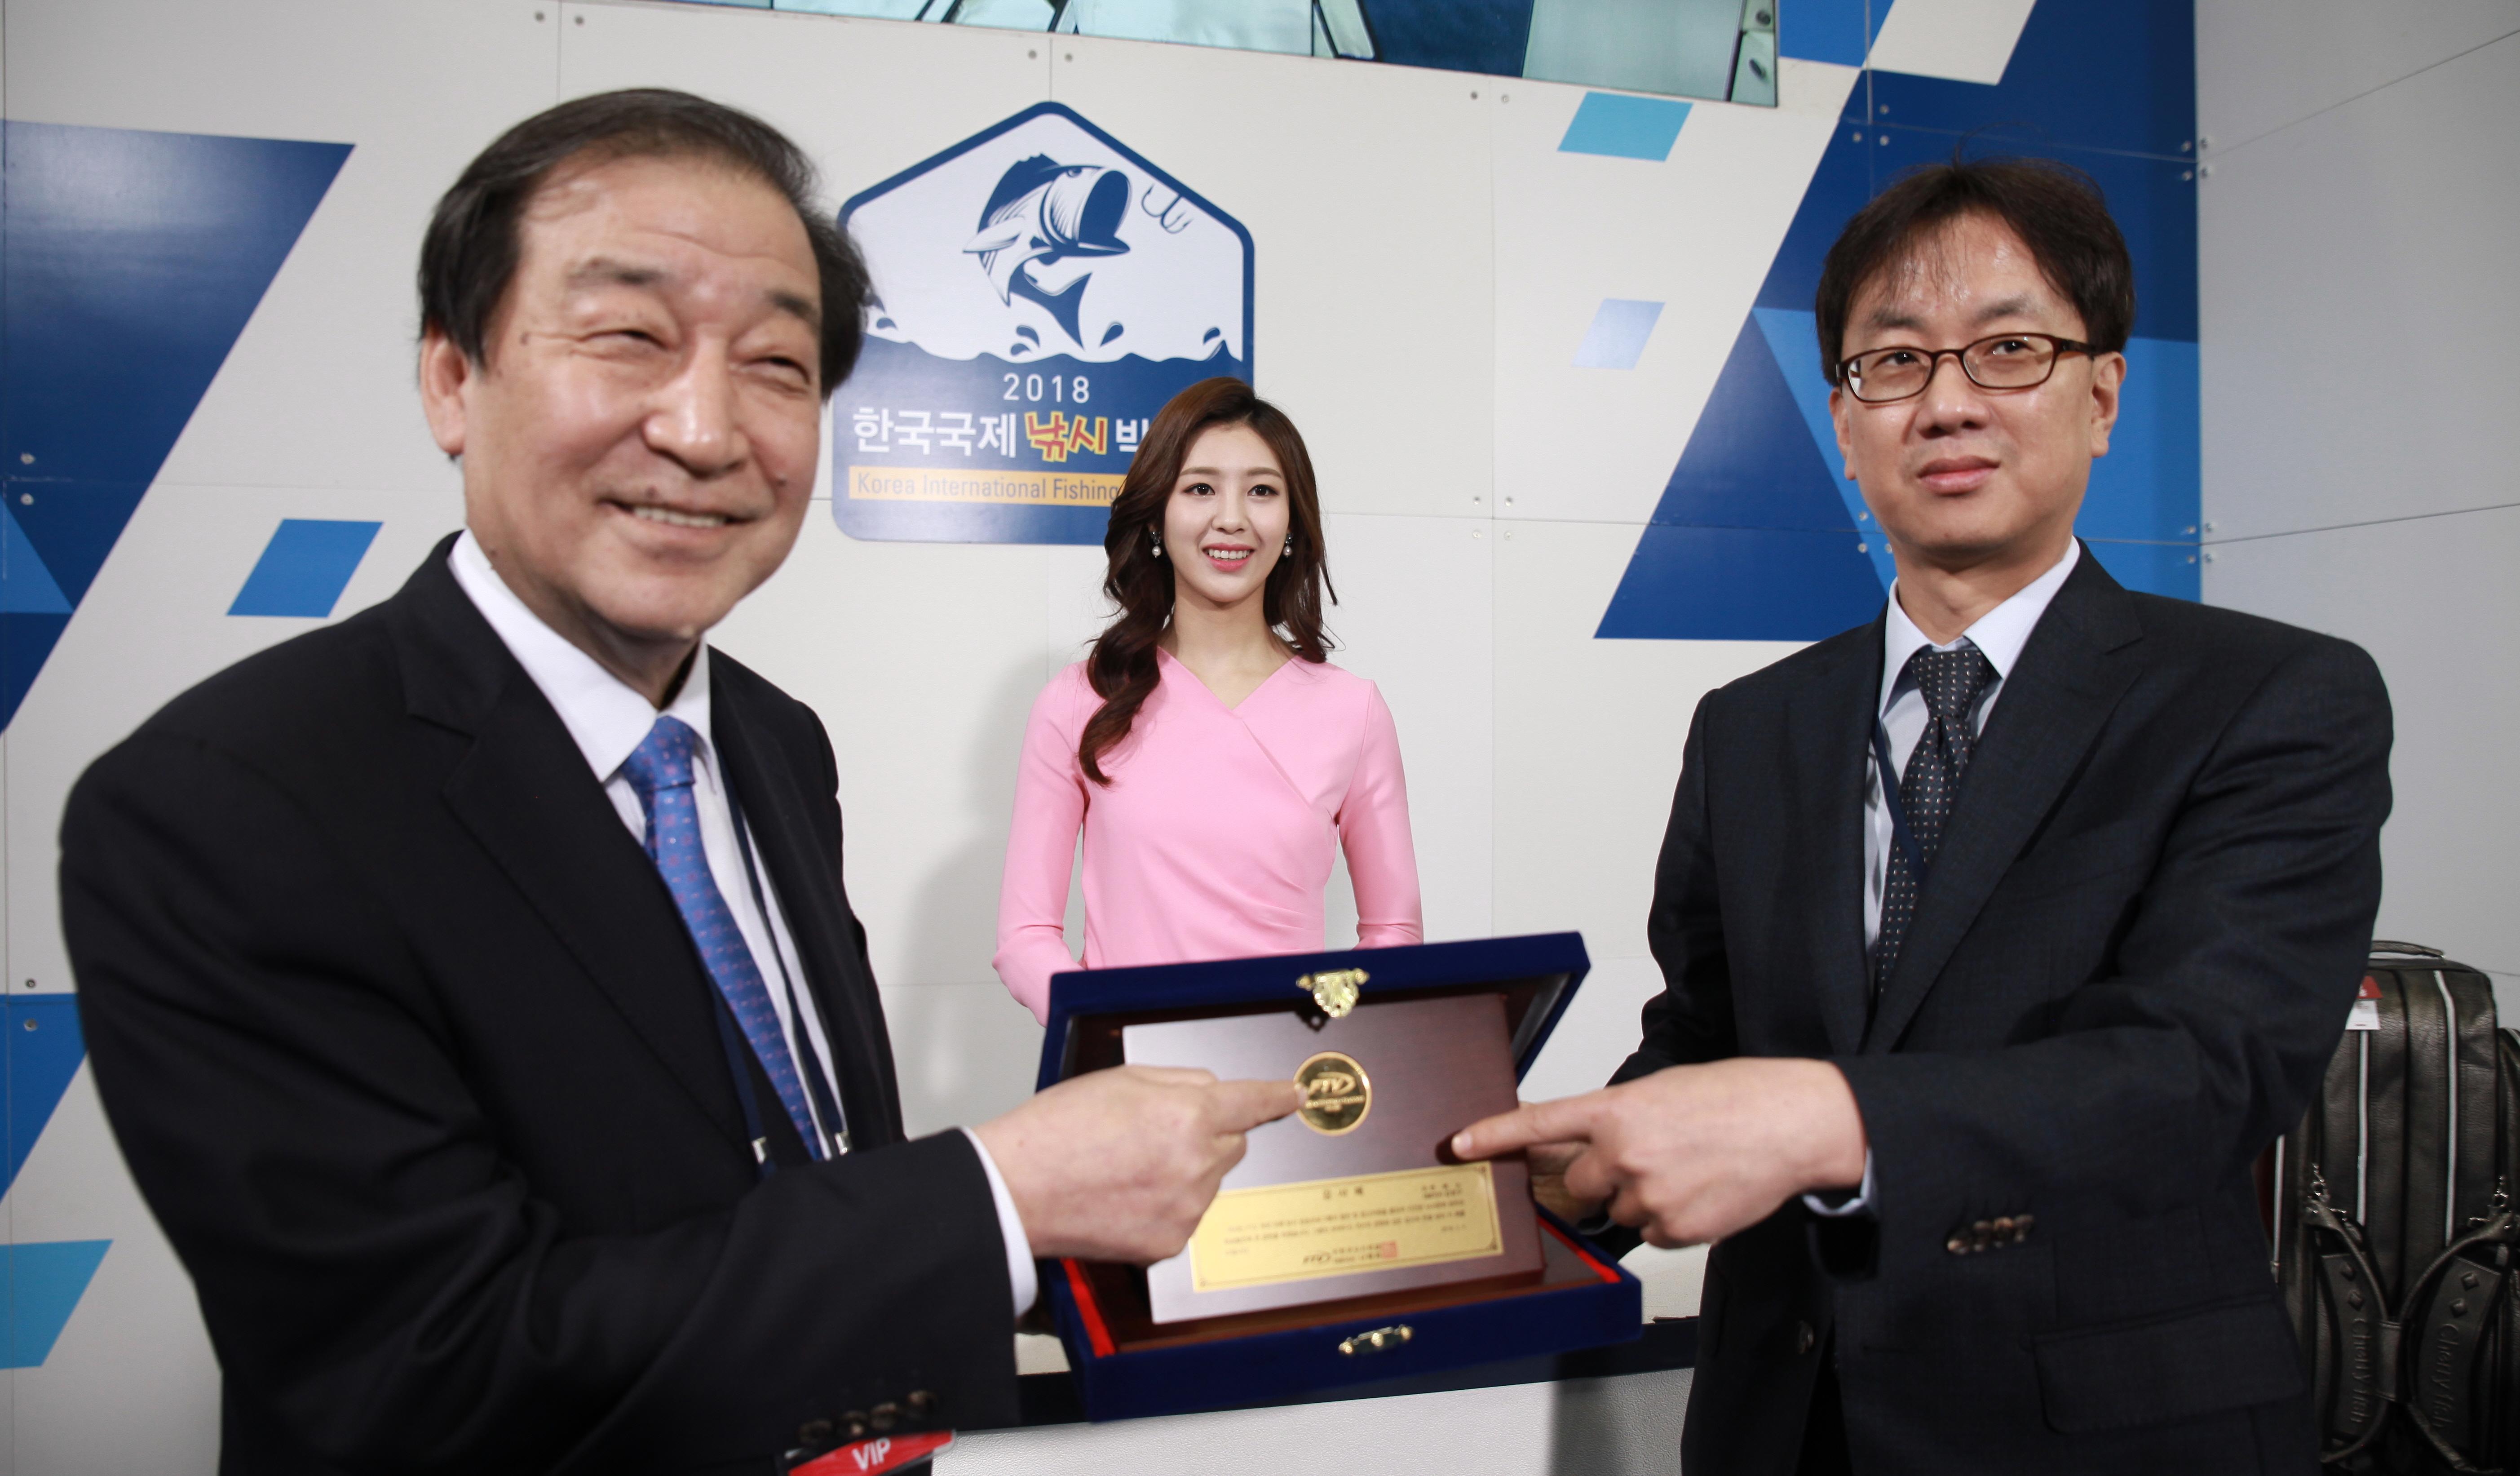 [포토] 엔에스 김정구 대표, '2018한국국제낚시박람회'서 FTV로부터 감사패 수여